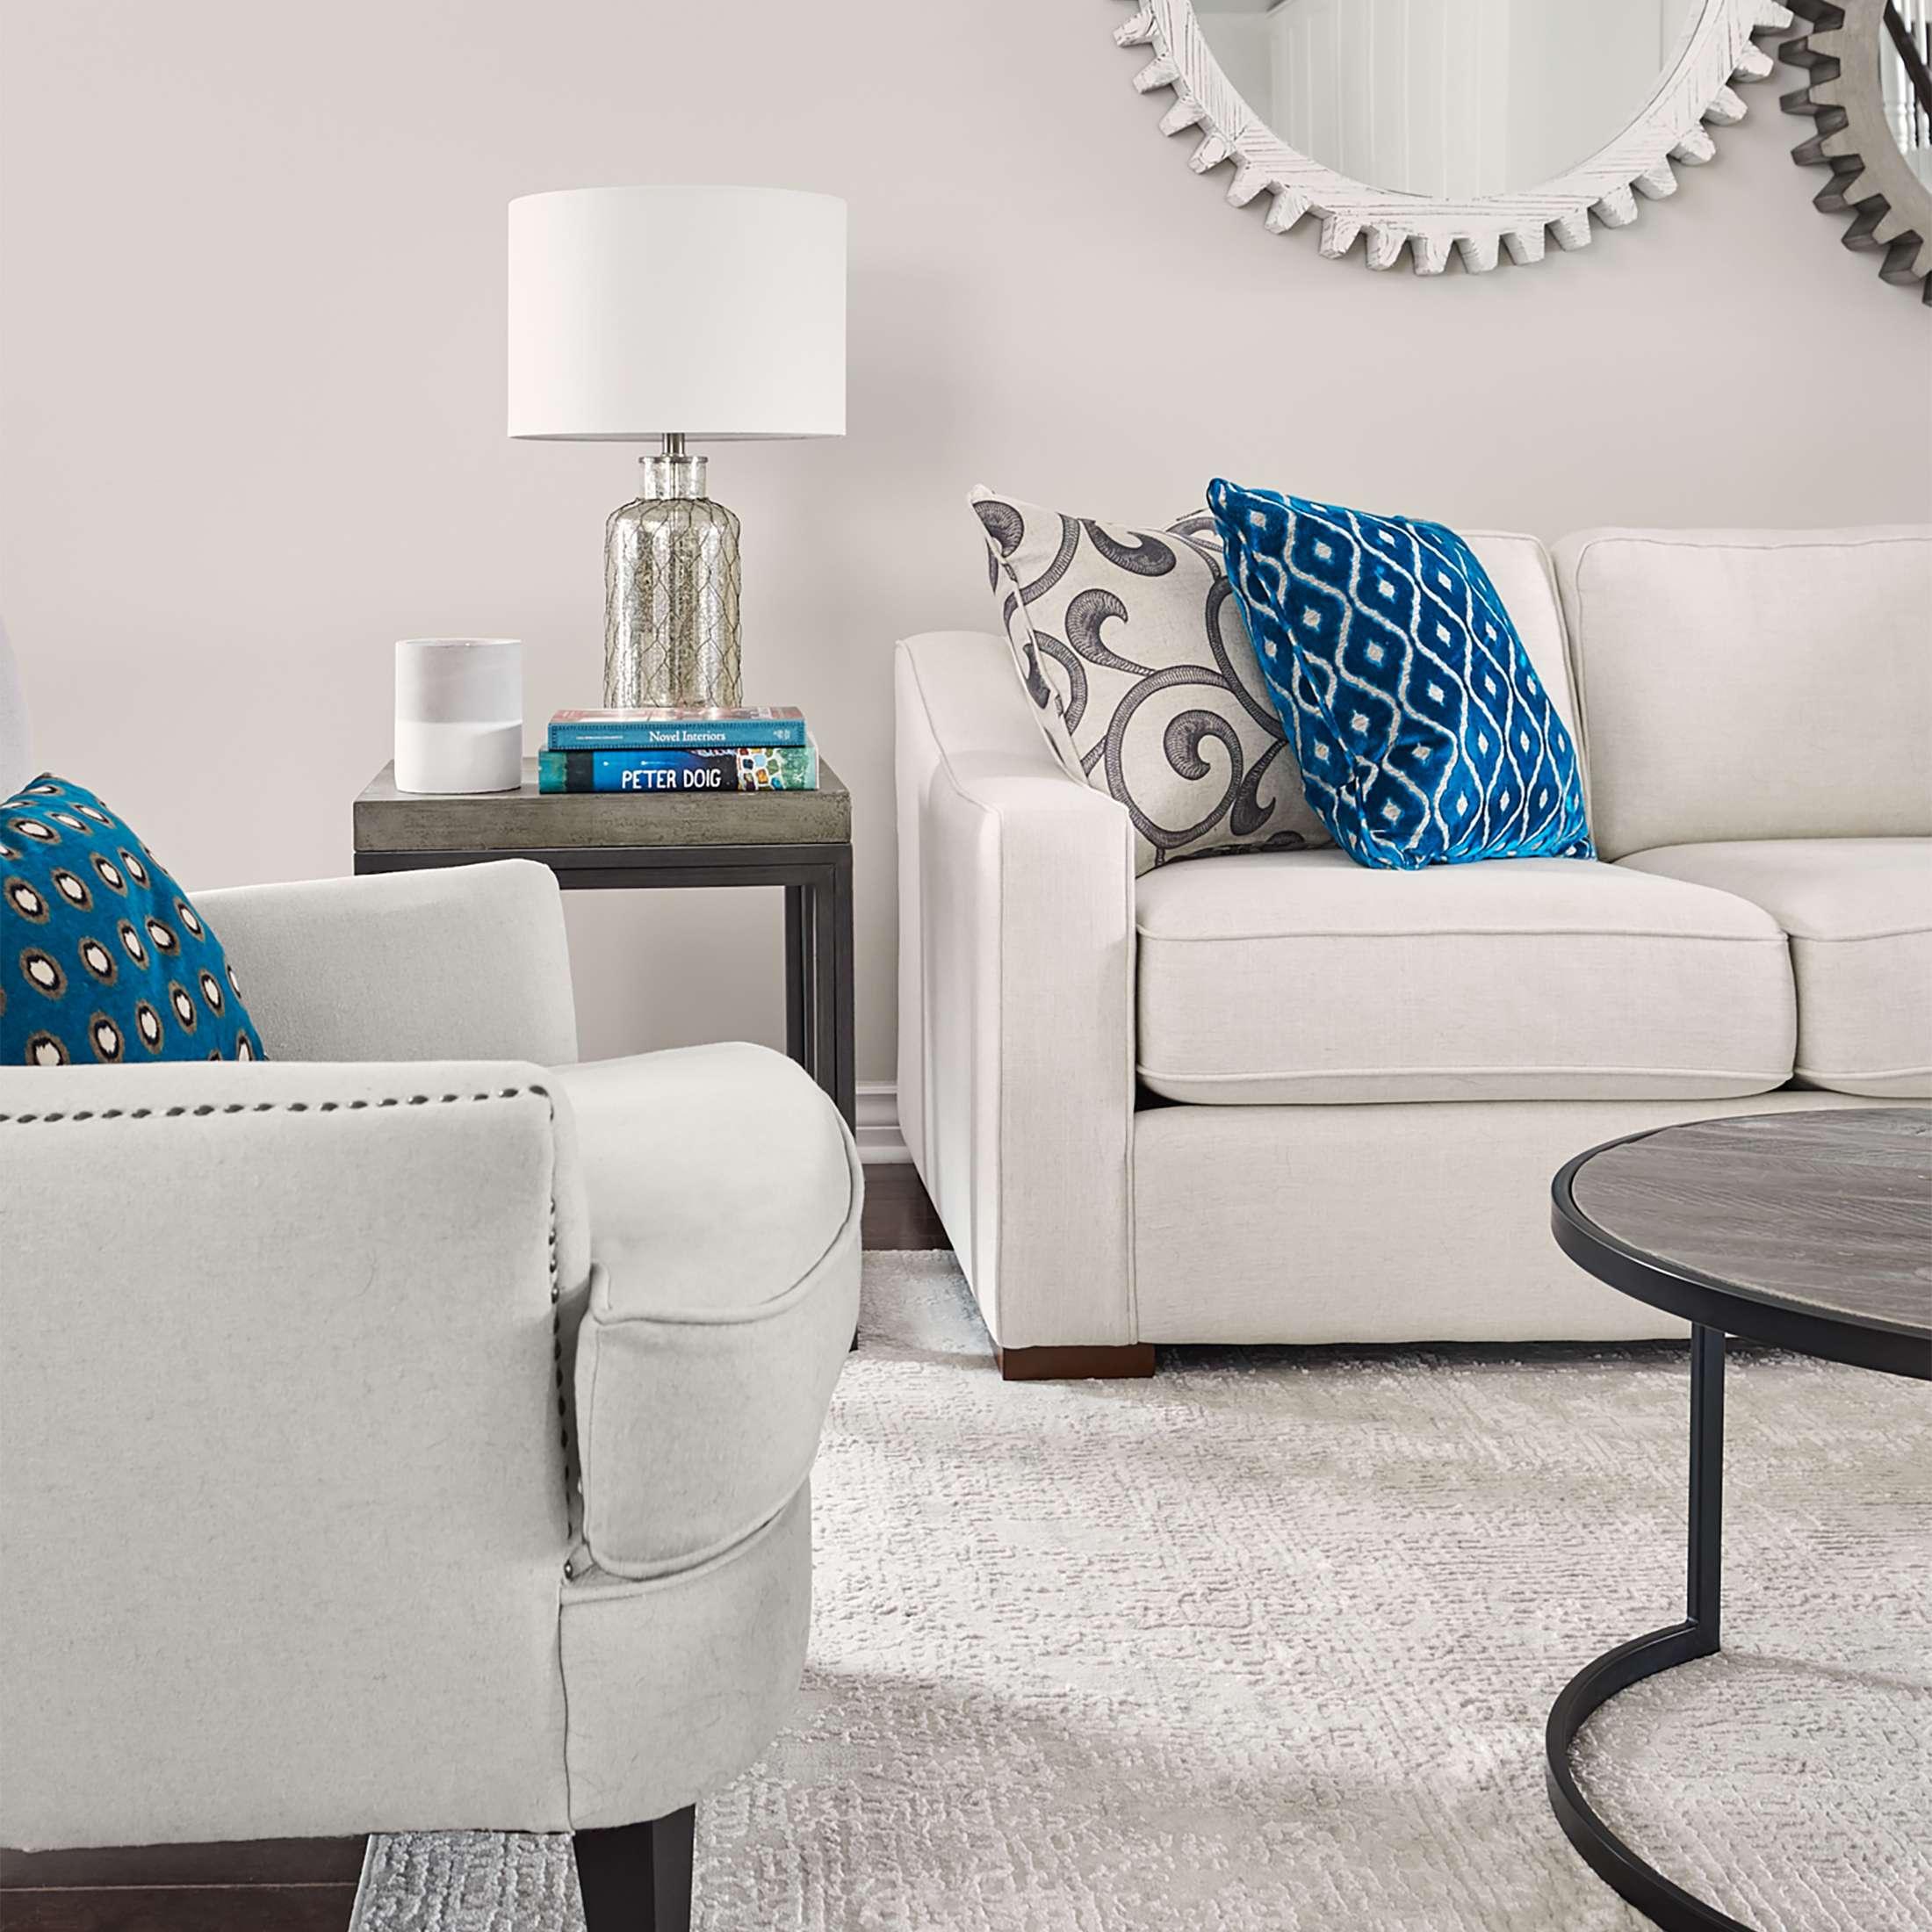 Living room interior decorating pamela lynn interiors beeton